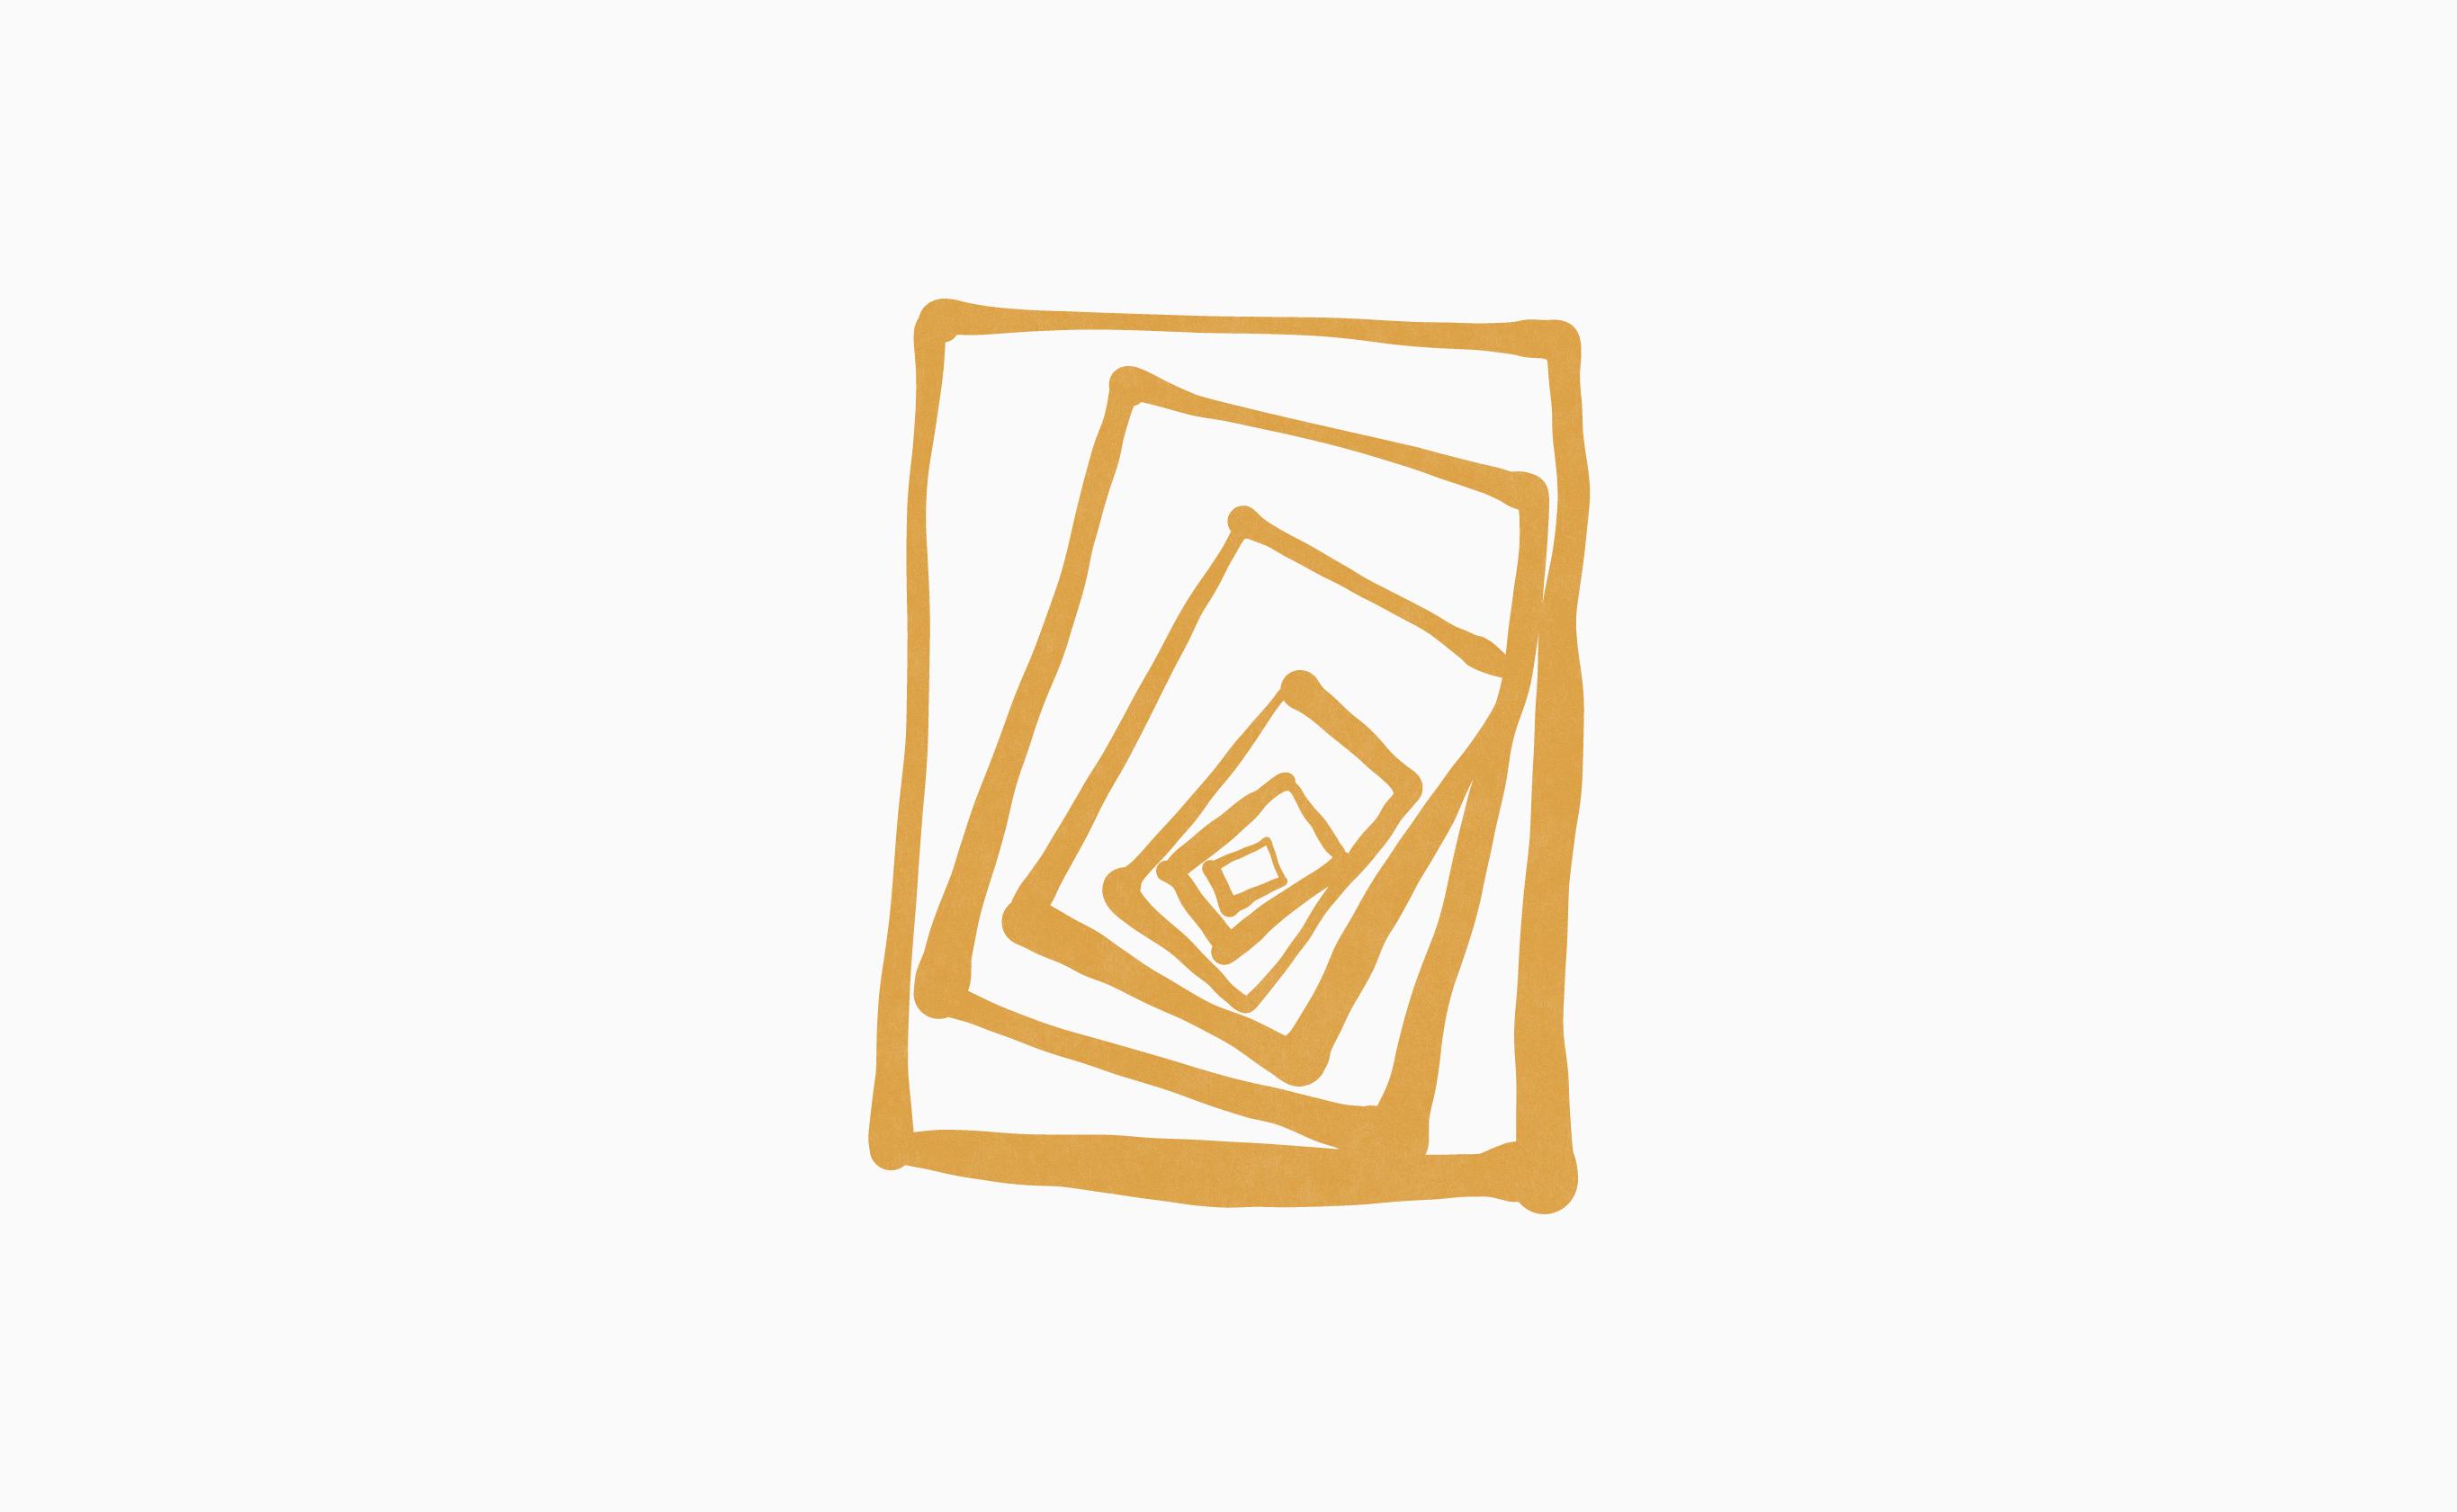 rsr_illustrations-05